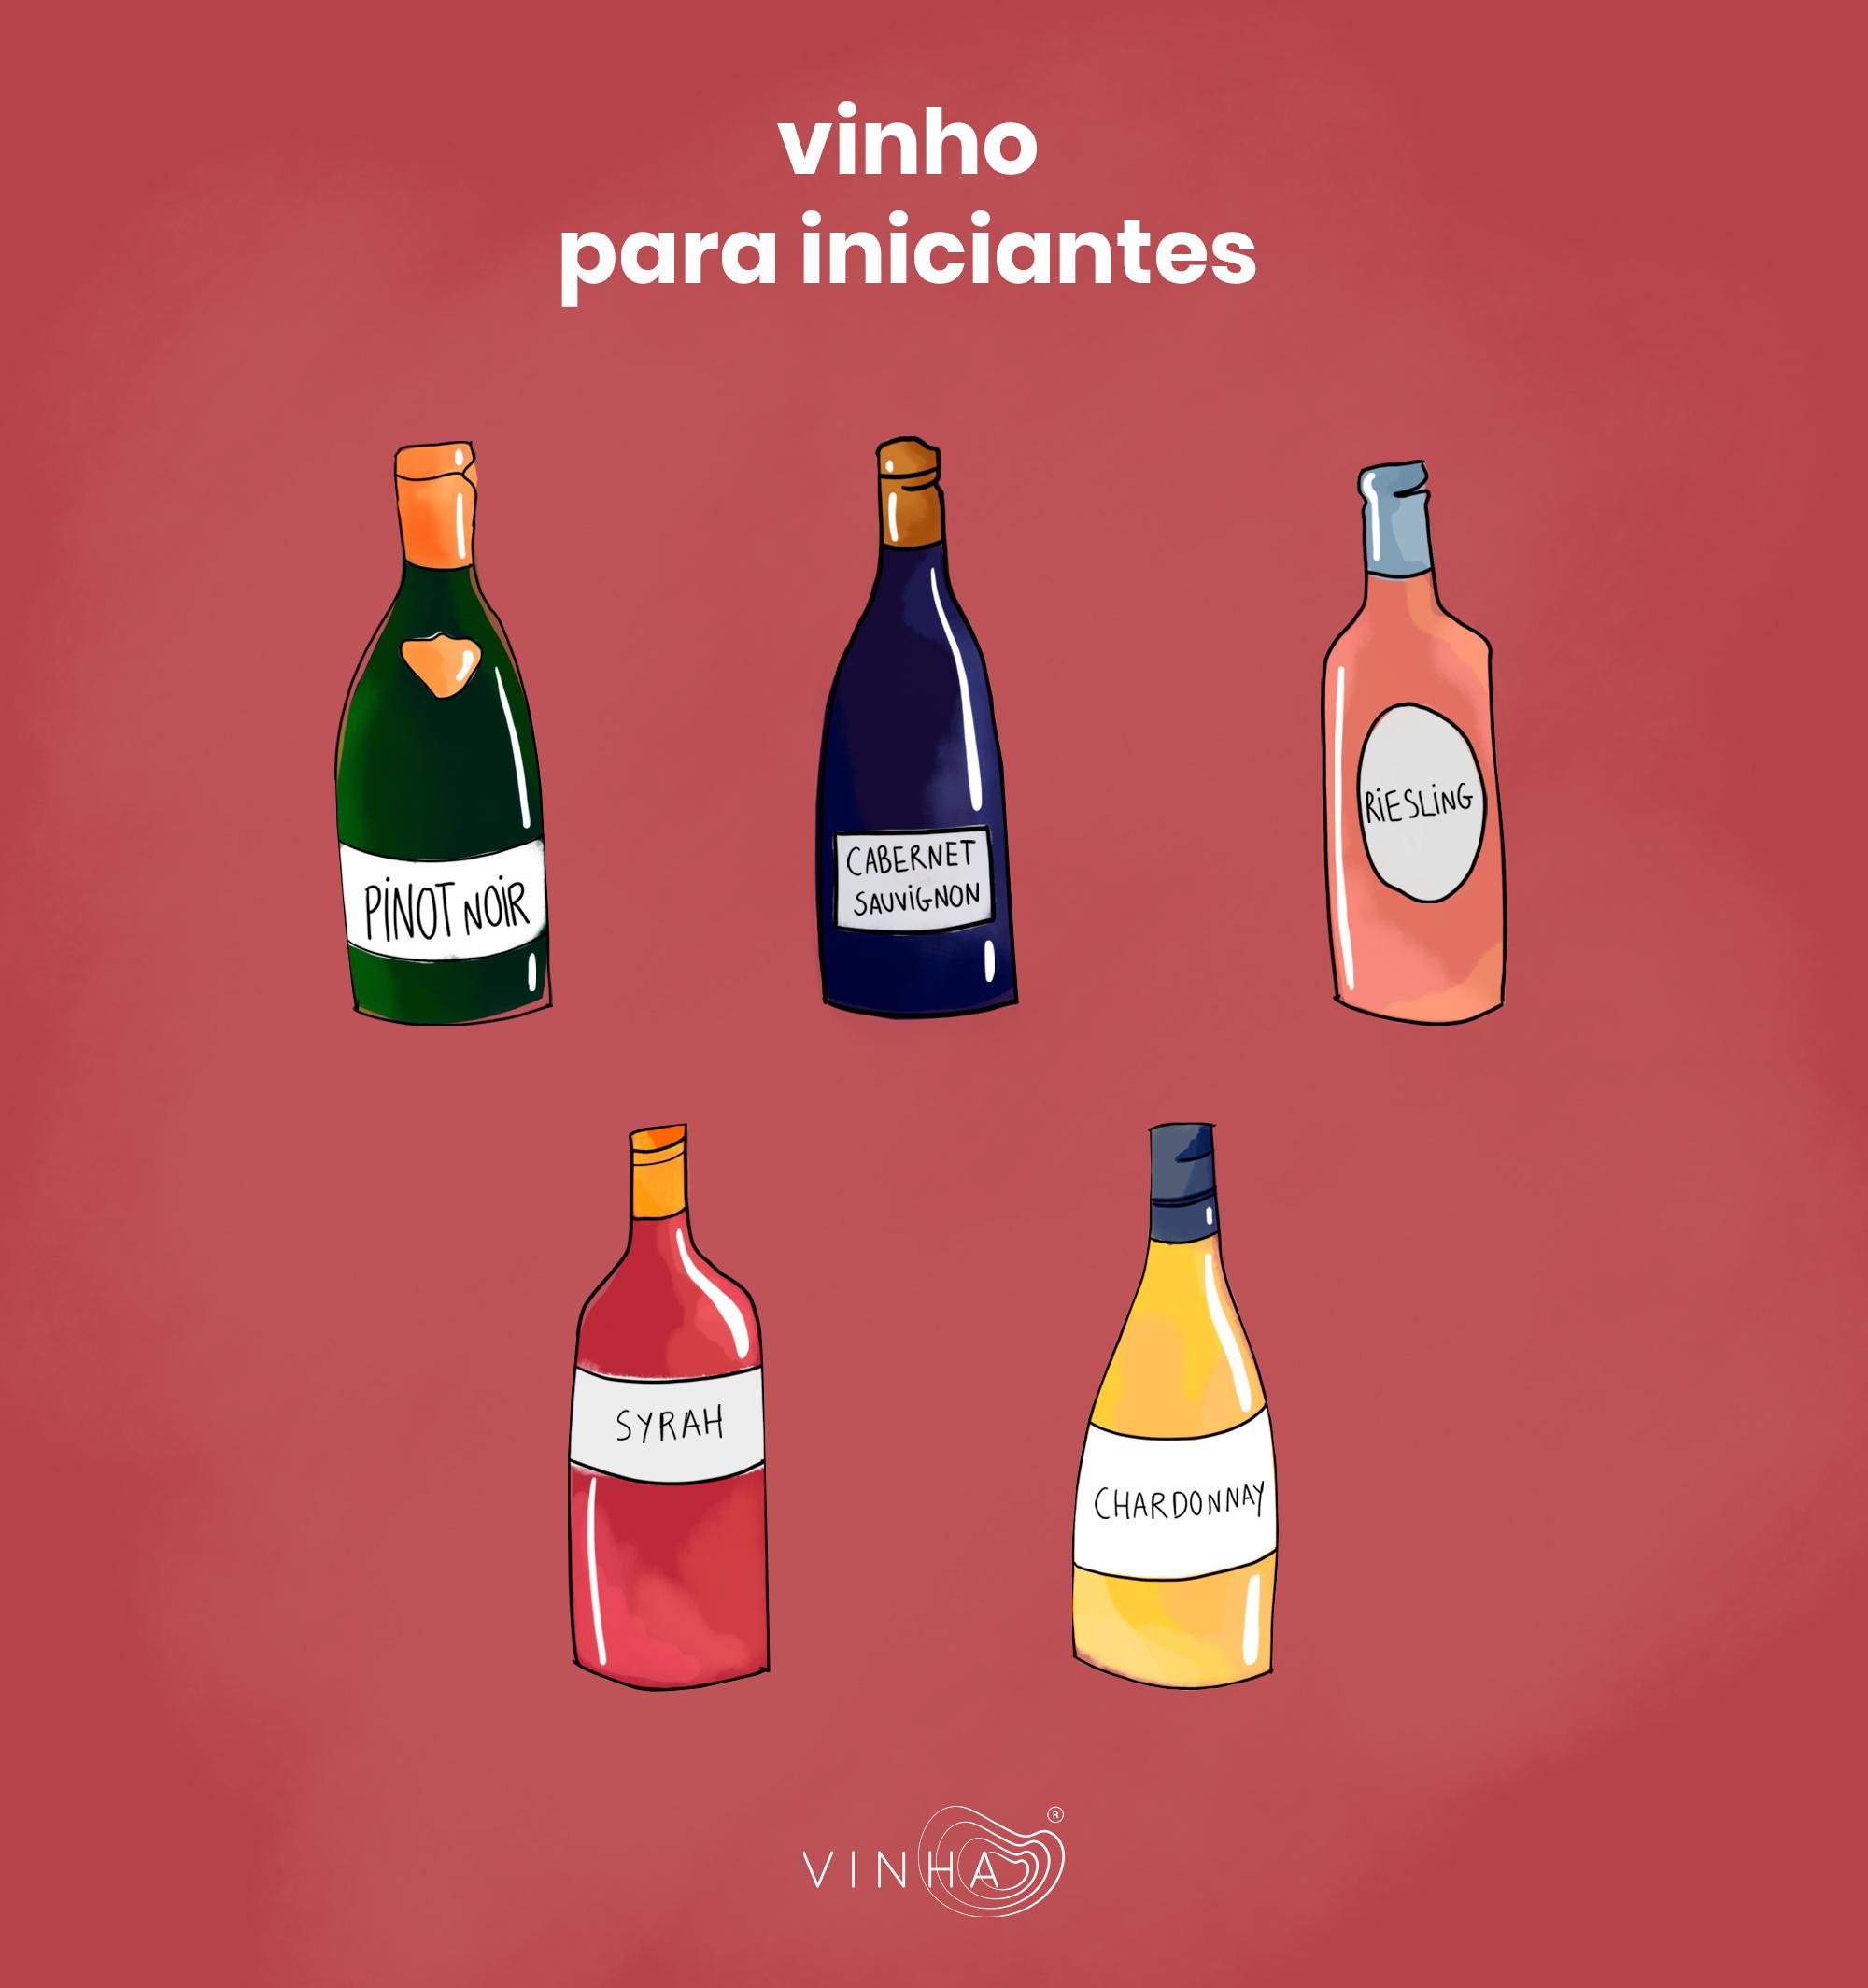 c4a1f9aeb Entrar no mundo do Vinho pode ser um pouco desafiante. O nosso paladar  precisa de tempo para se adequar aos diferentes sabores